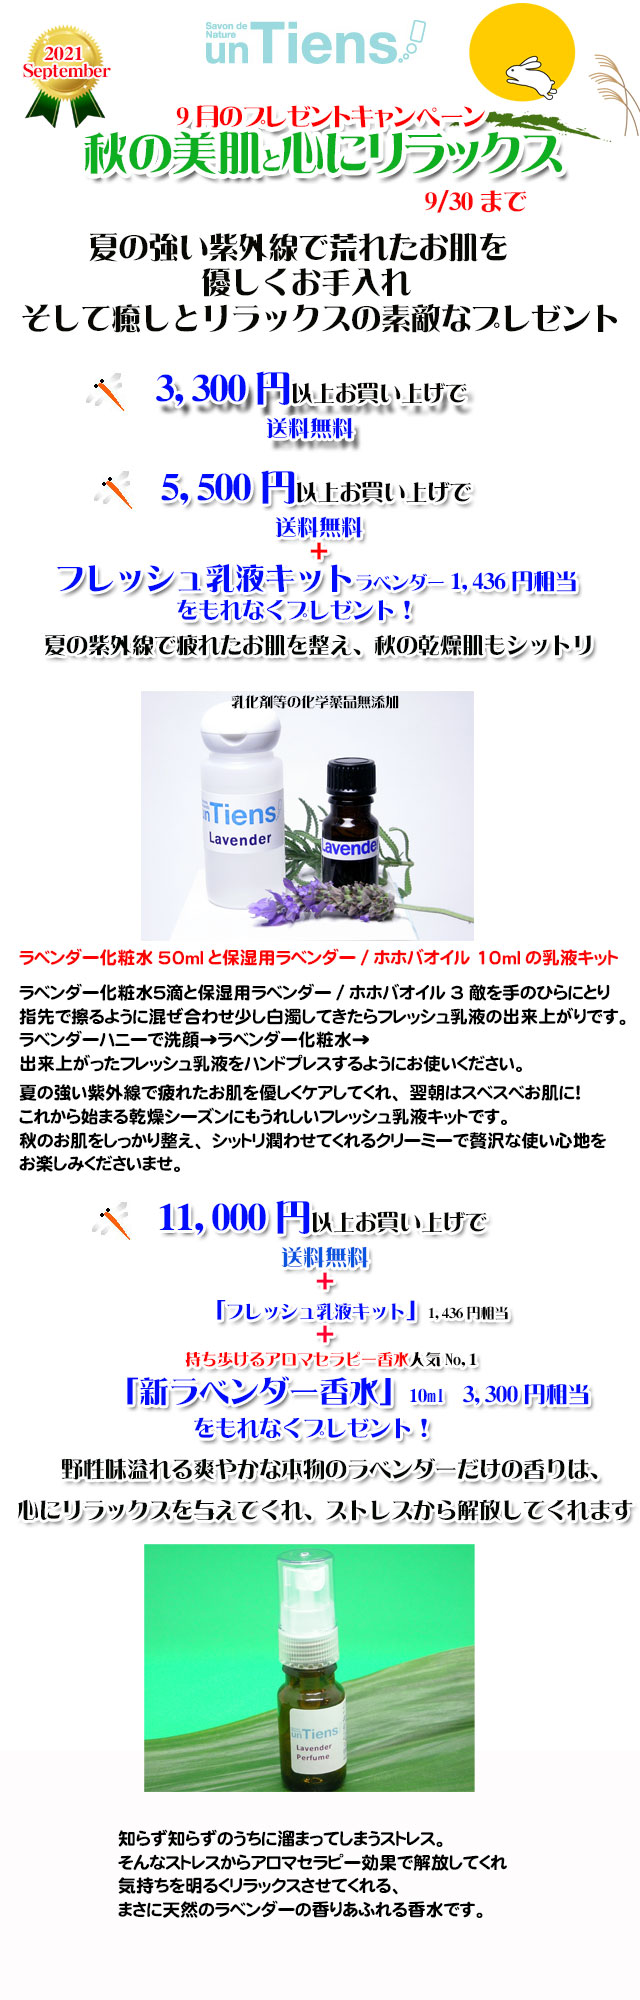 手作り石鹸アンティアン2109今月のキャンペーンcopy